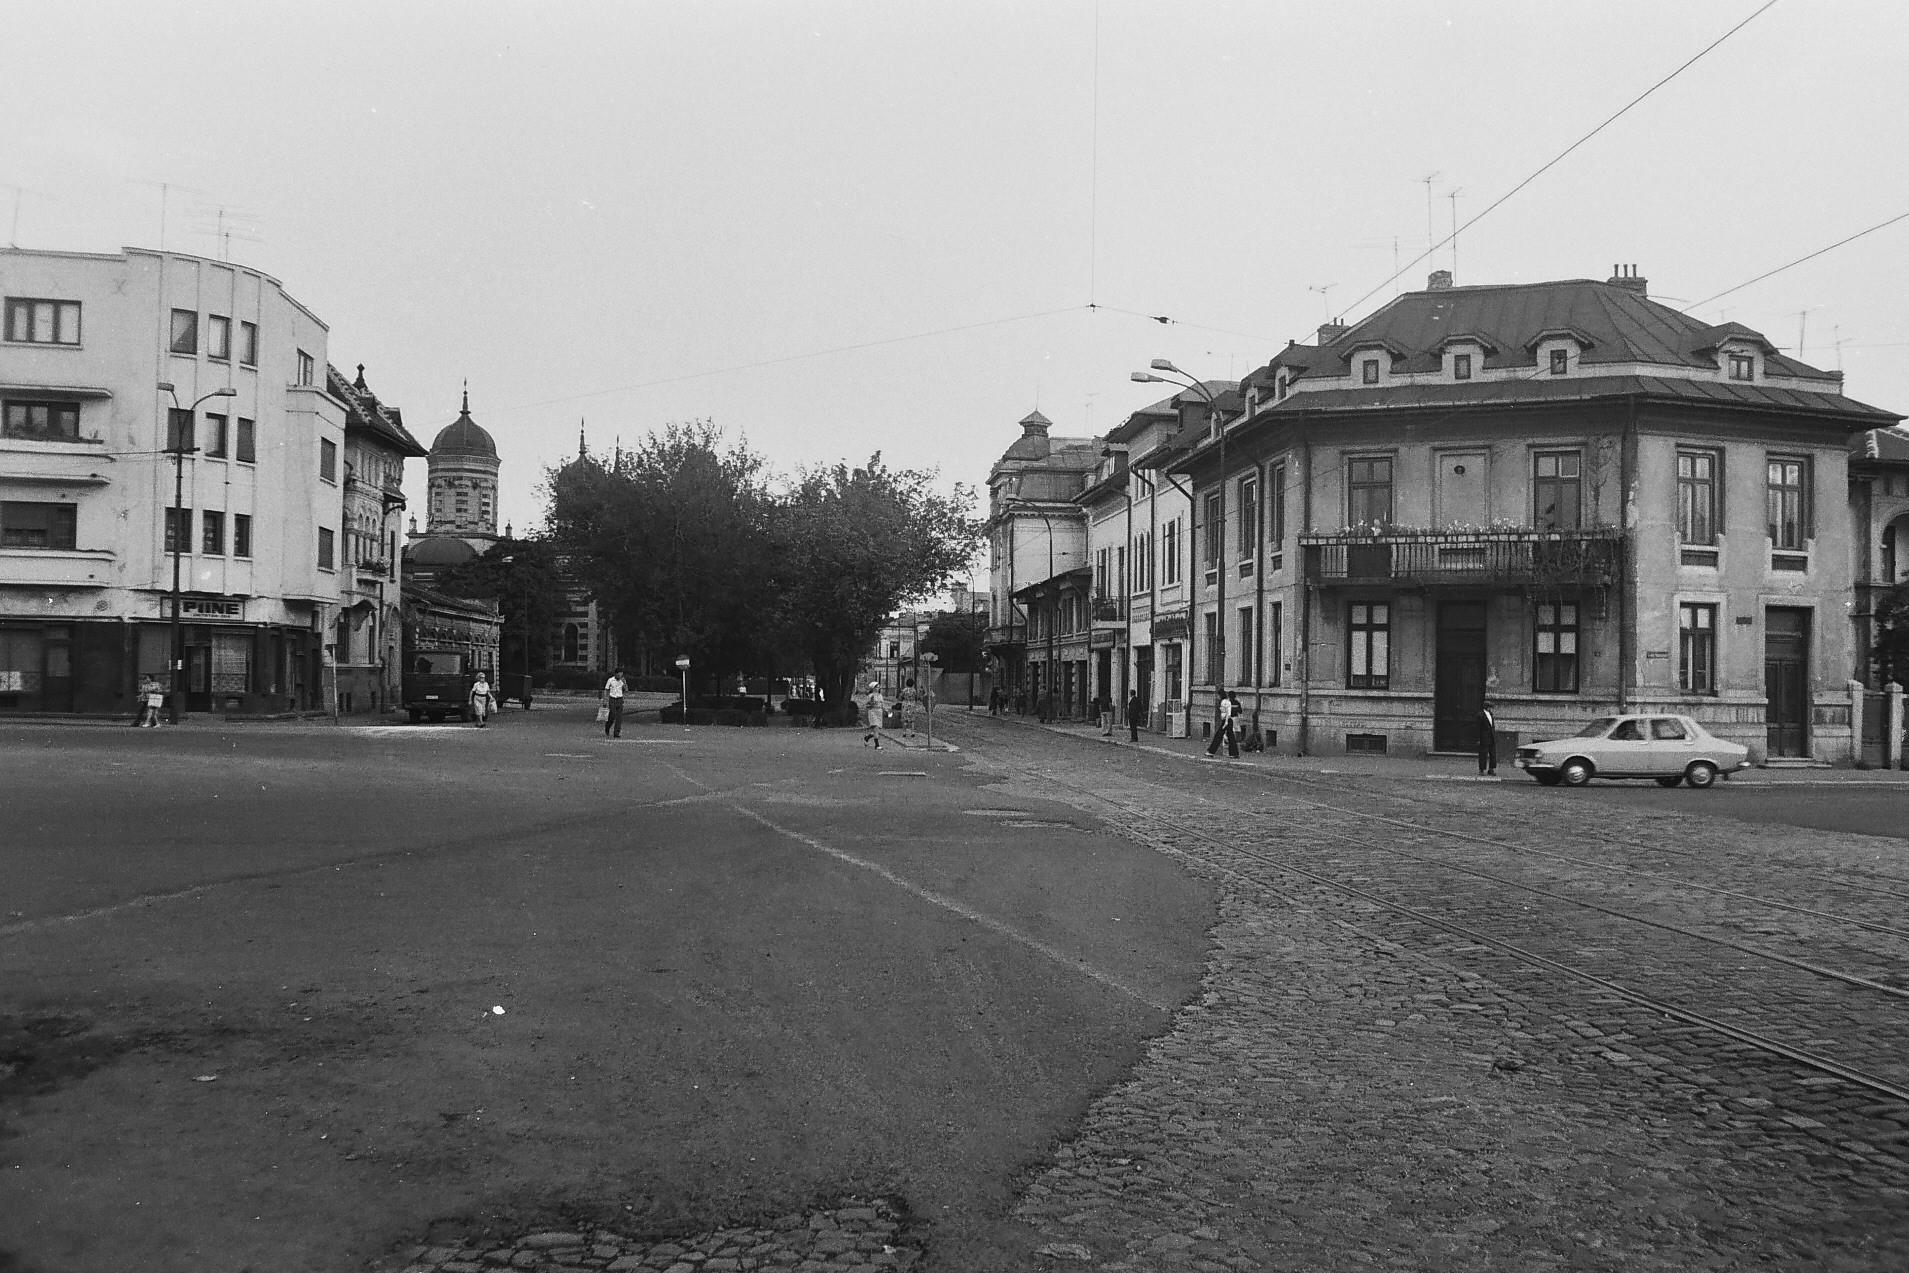 Intersecţia de lângă Piaţa Mărăşeşti, 1978, foto Dan Vartanian